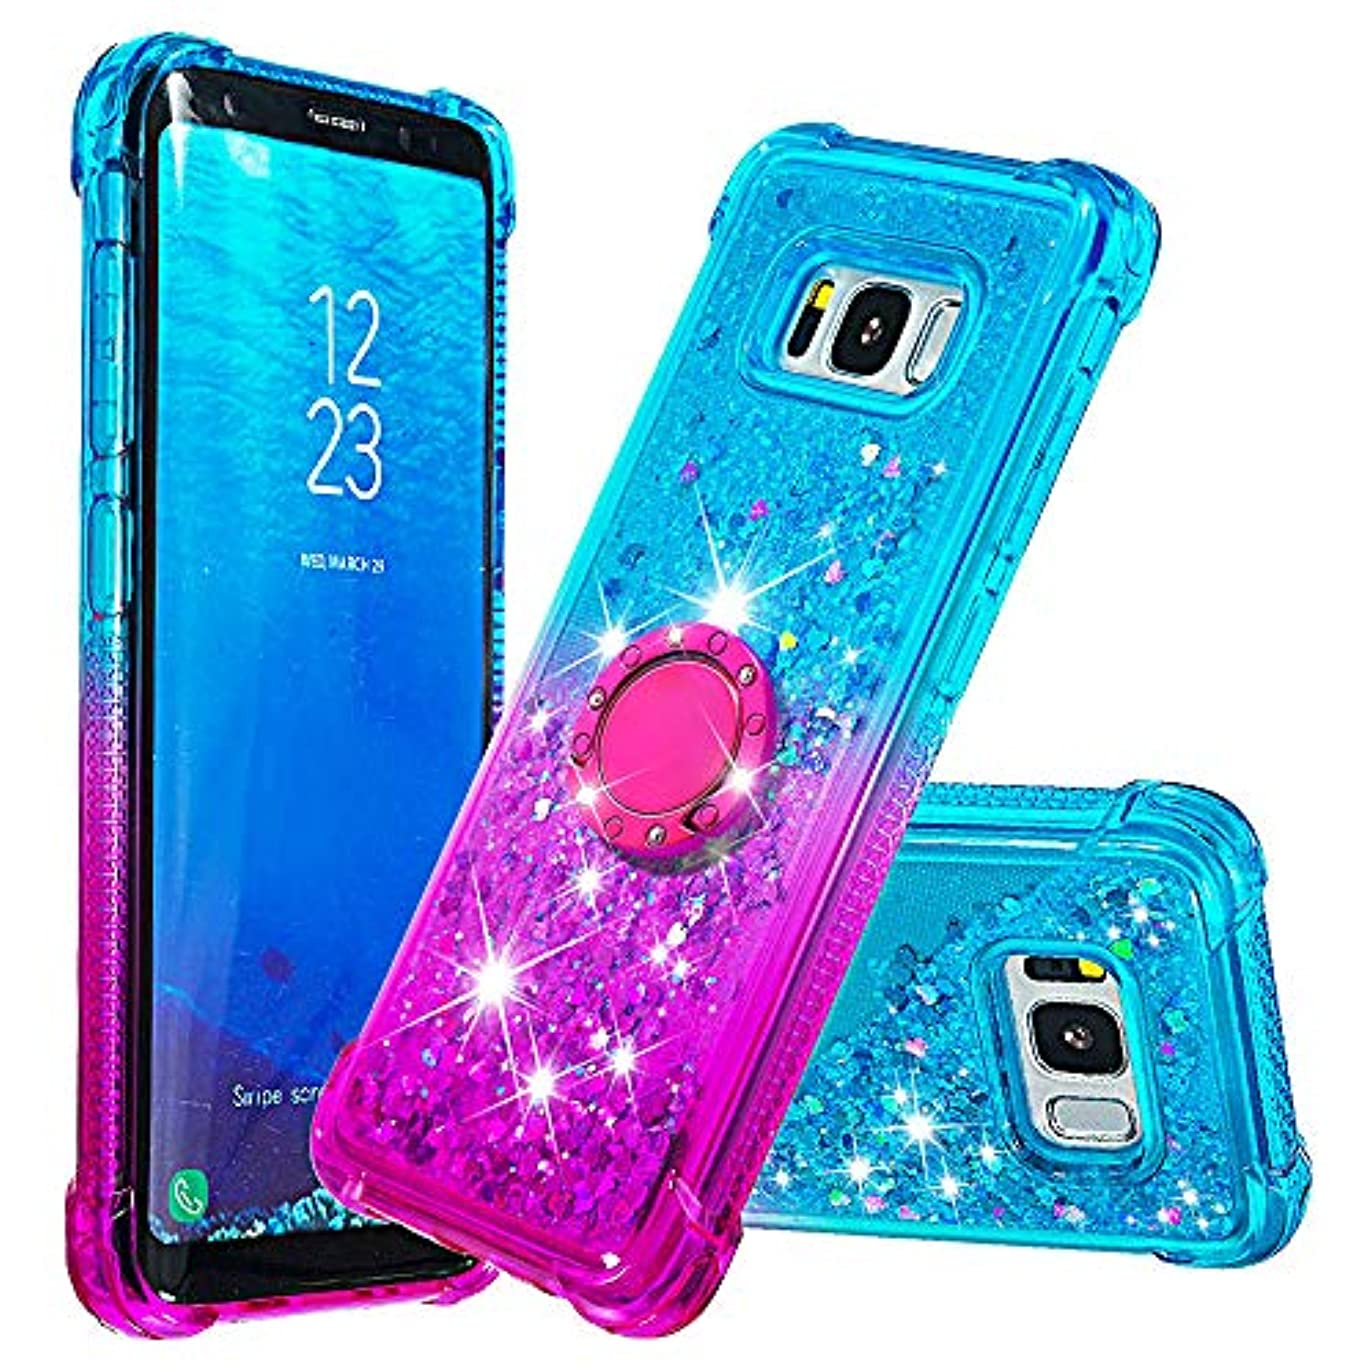 遠足インフレーションメタリックNEXCURIO Galaxy S8 / docomo SC-02J / au SCV36 キラキラ ケース ソフト シリコン 耐衝撃 擦り傷防止 ギャラクシーS8用ケース カバー おしゃれ - NEYBO480207 リング #3